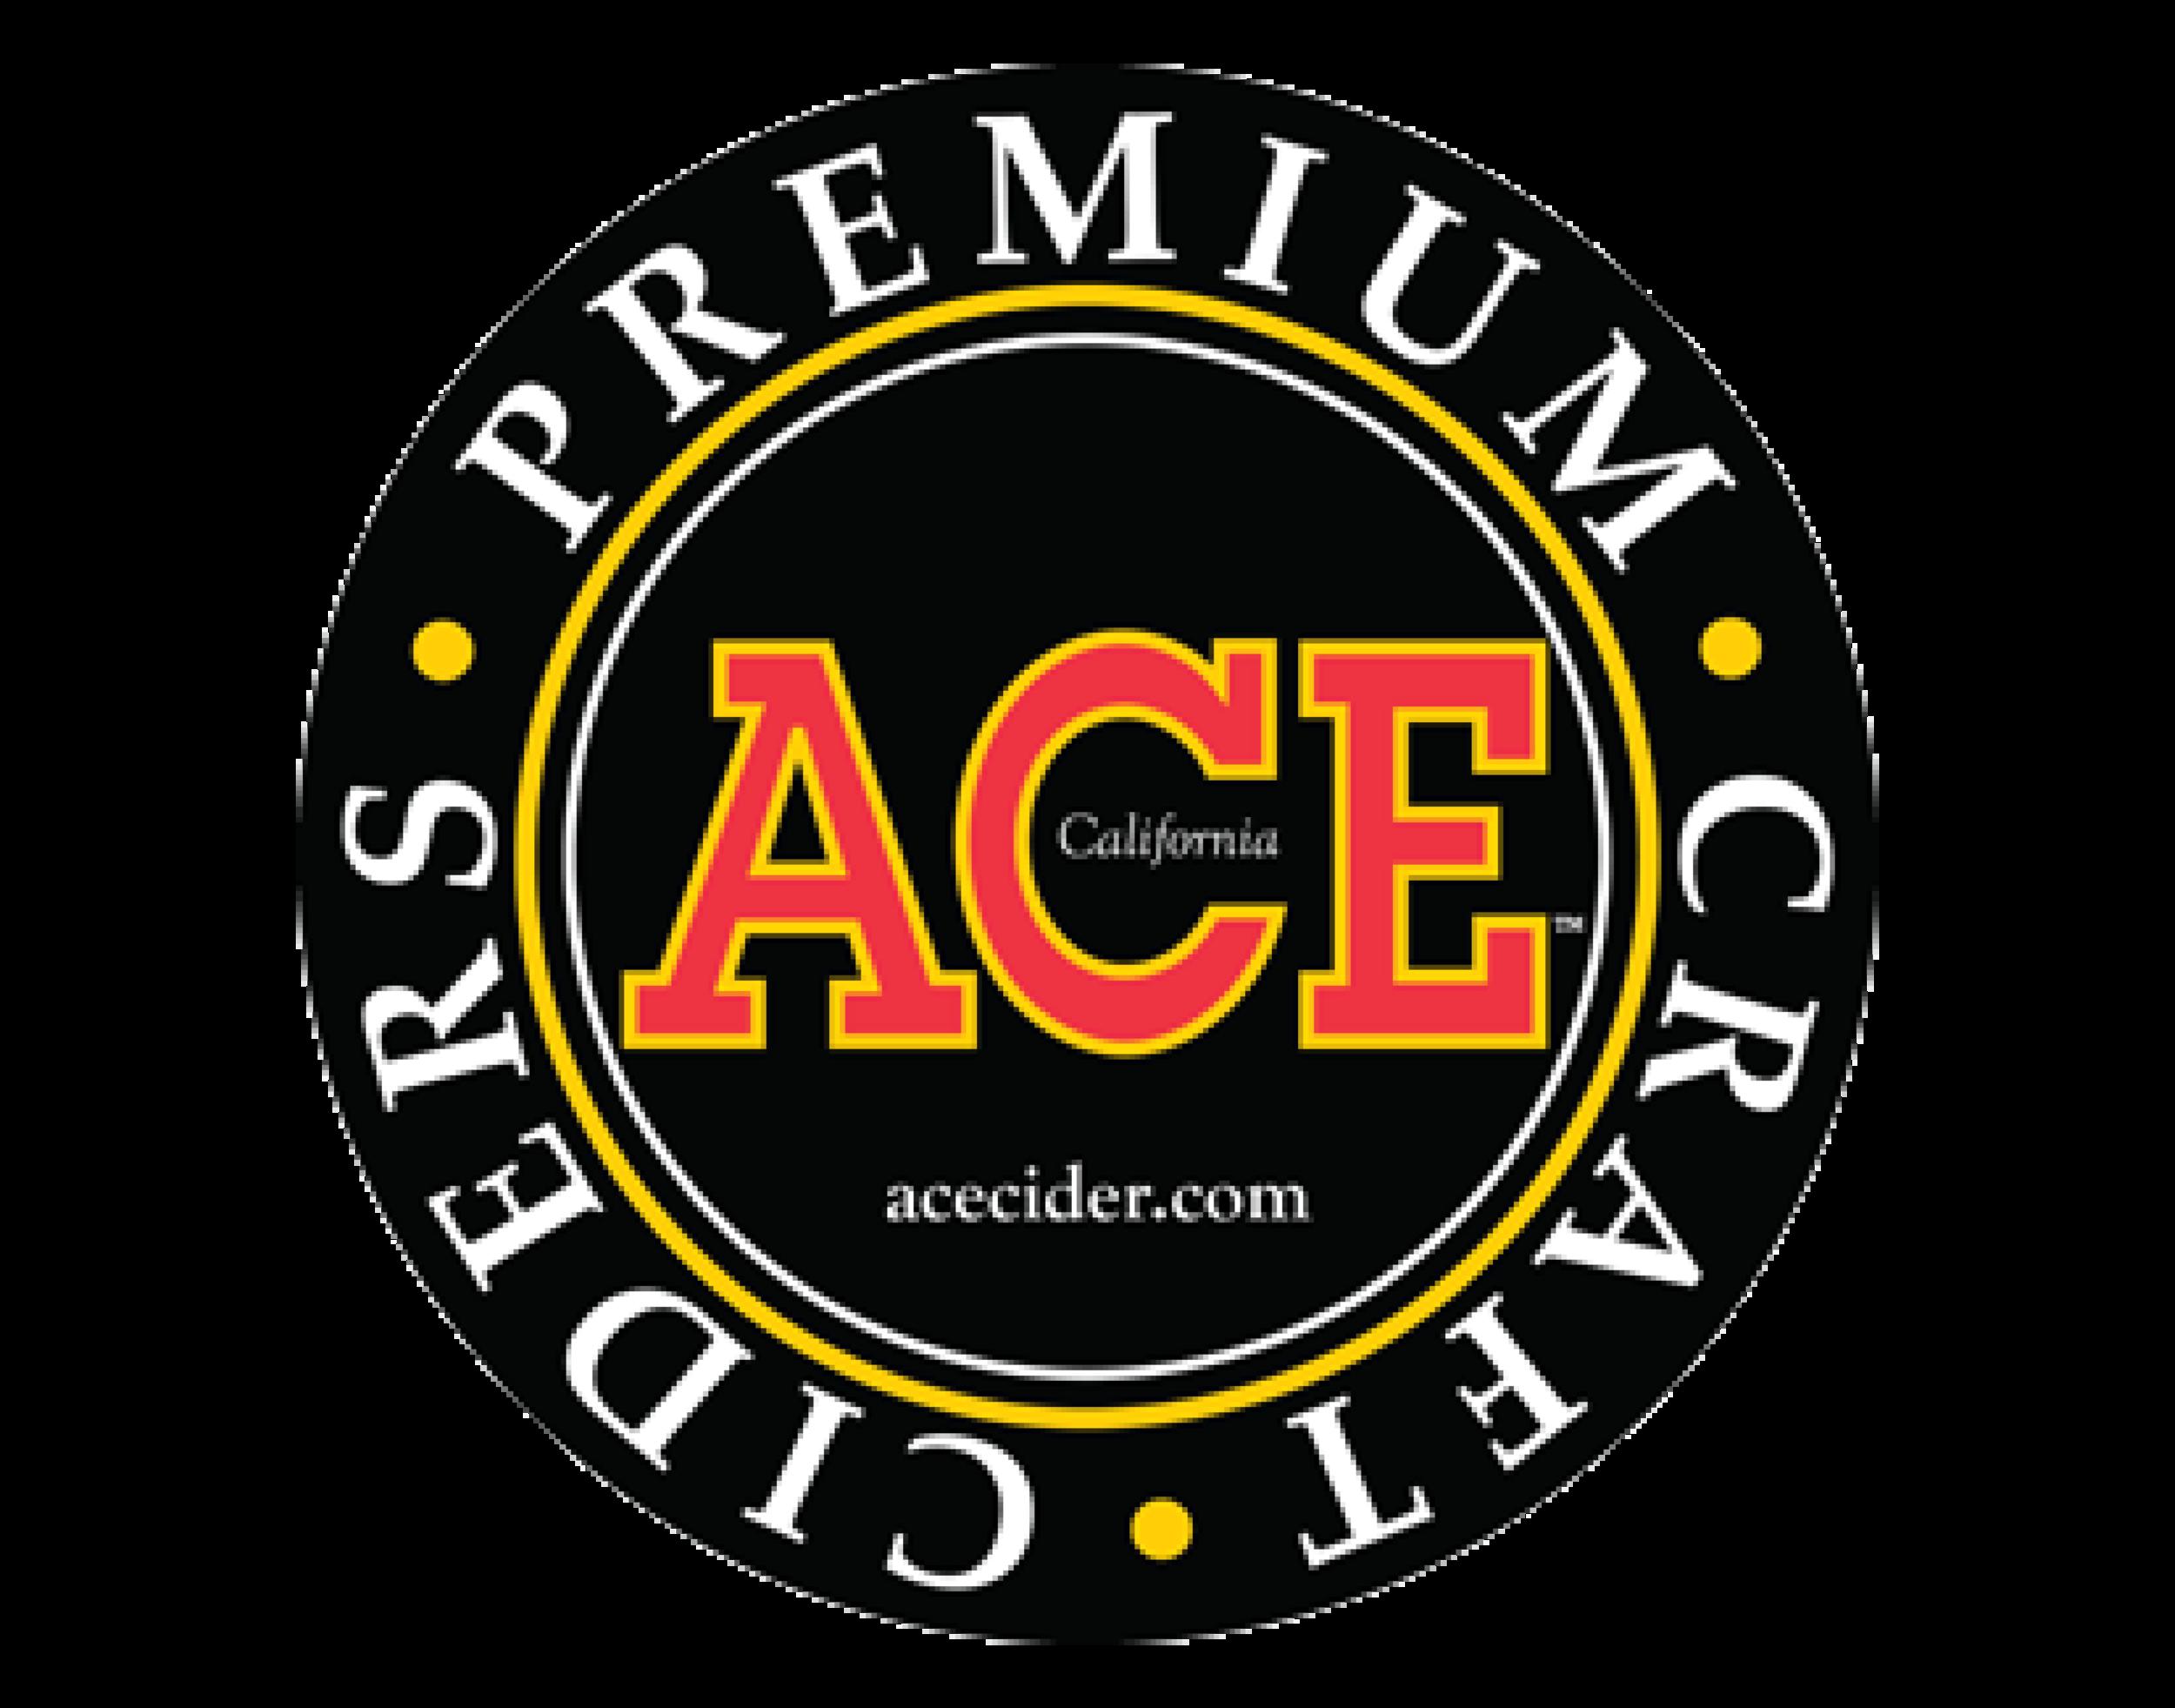 Ace Cider logo. Links to Ace Cider website.